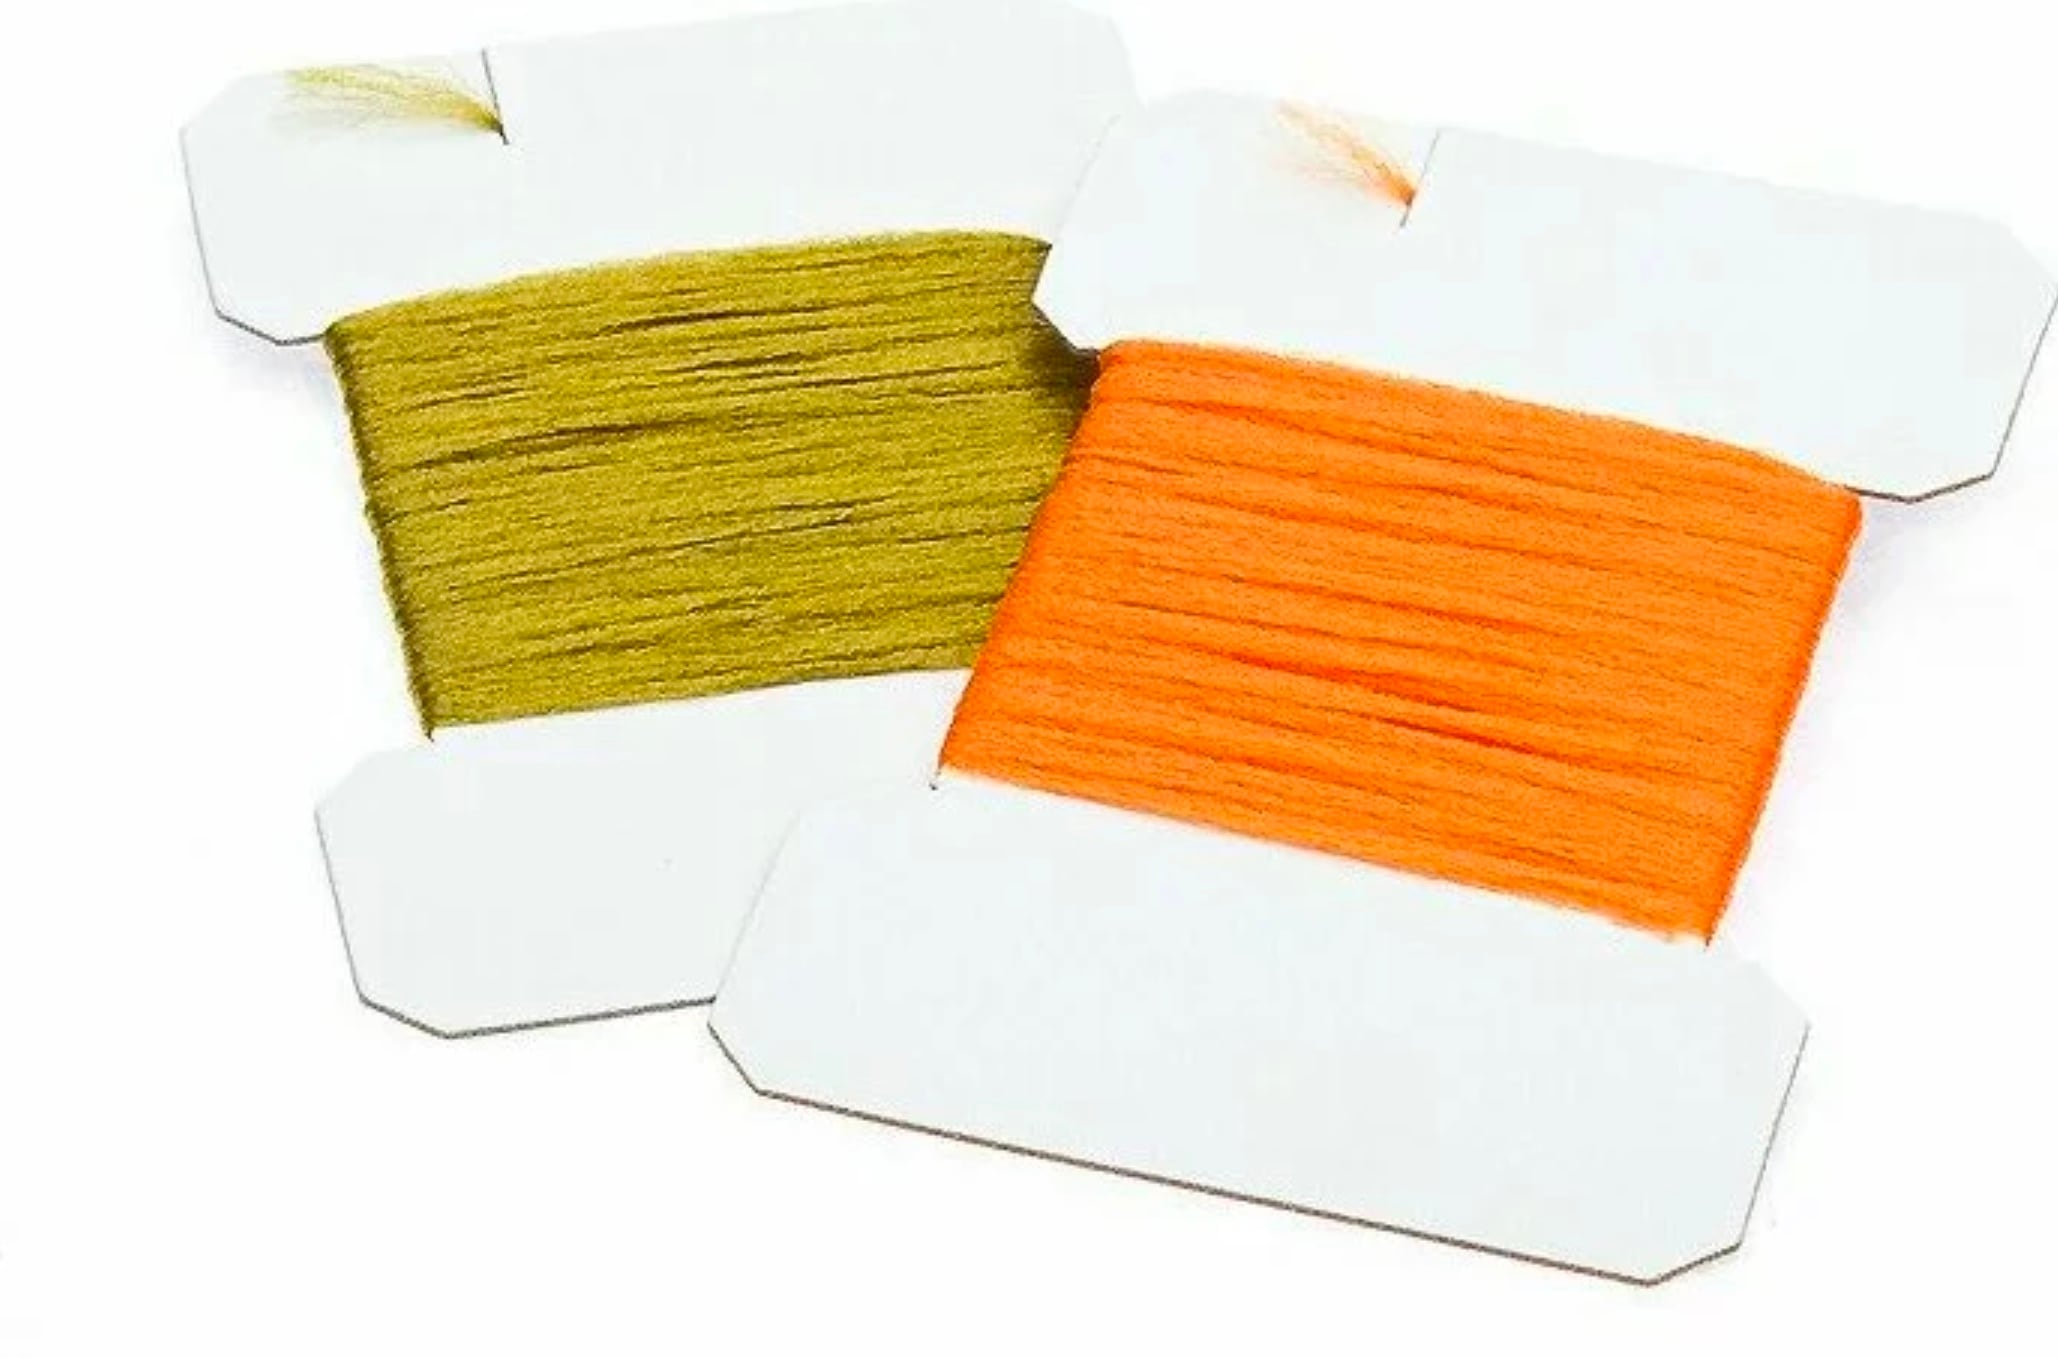 Antron / Polypropylene Yarn